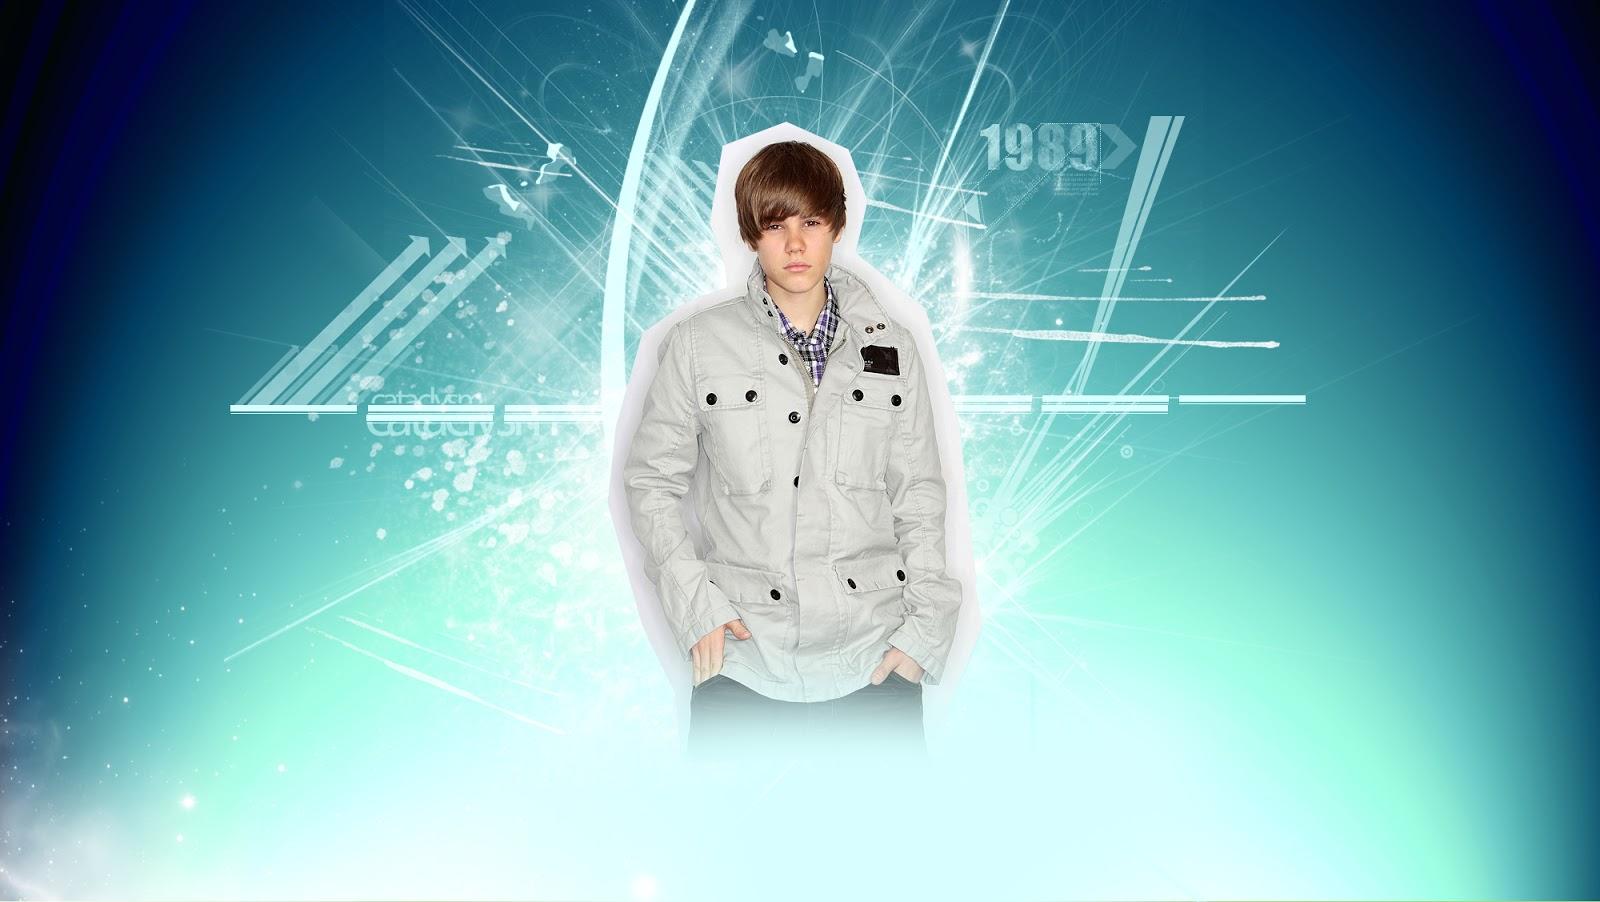 Justin Bieber 2013 Cool Wallpaper: Dload Hd Pics: Justin-bieber-2013-justin-bieber-33194067